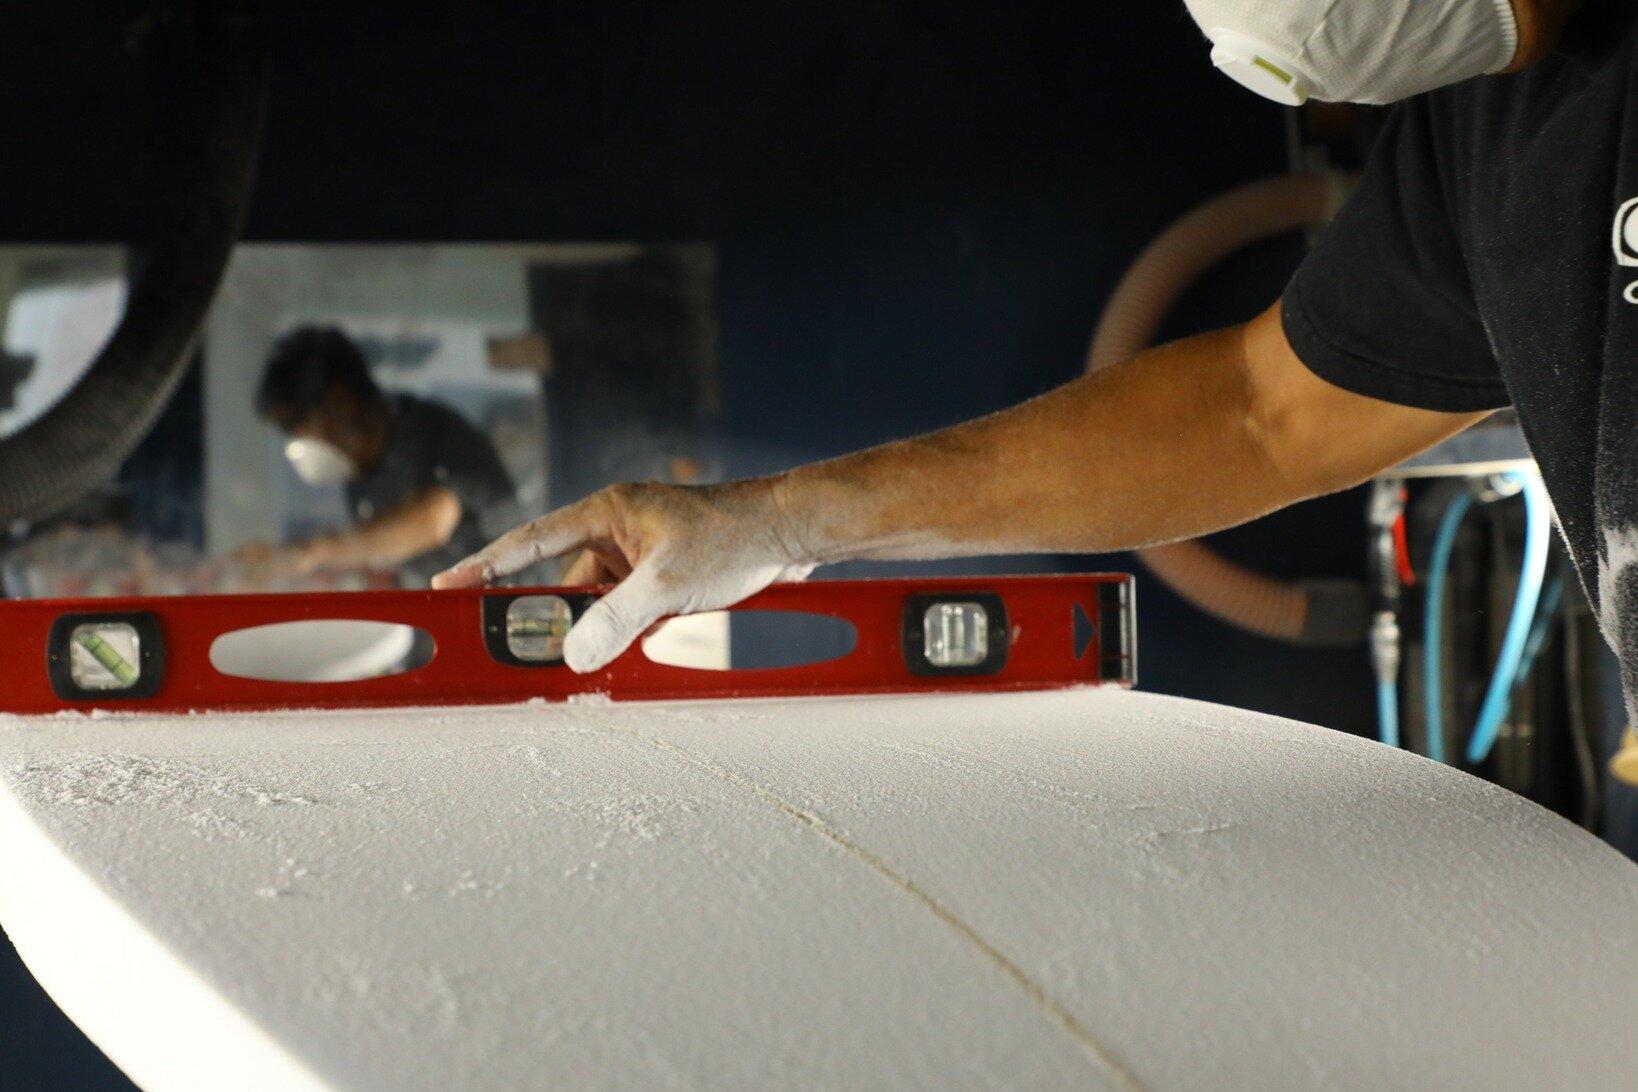 専用の器具でそれぞれの箇所のコンケーブの入り方を確認。 気づけばボトム側に入っていたイラストは全て削れて消えている。